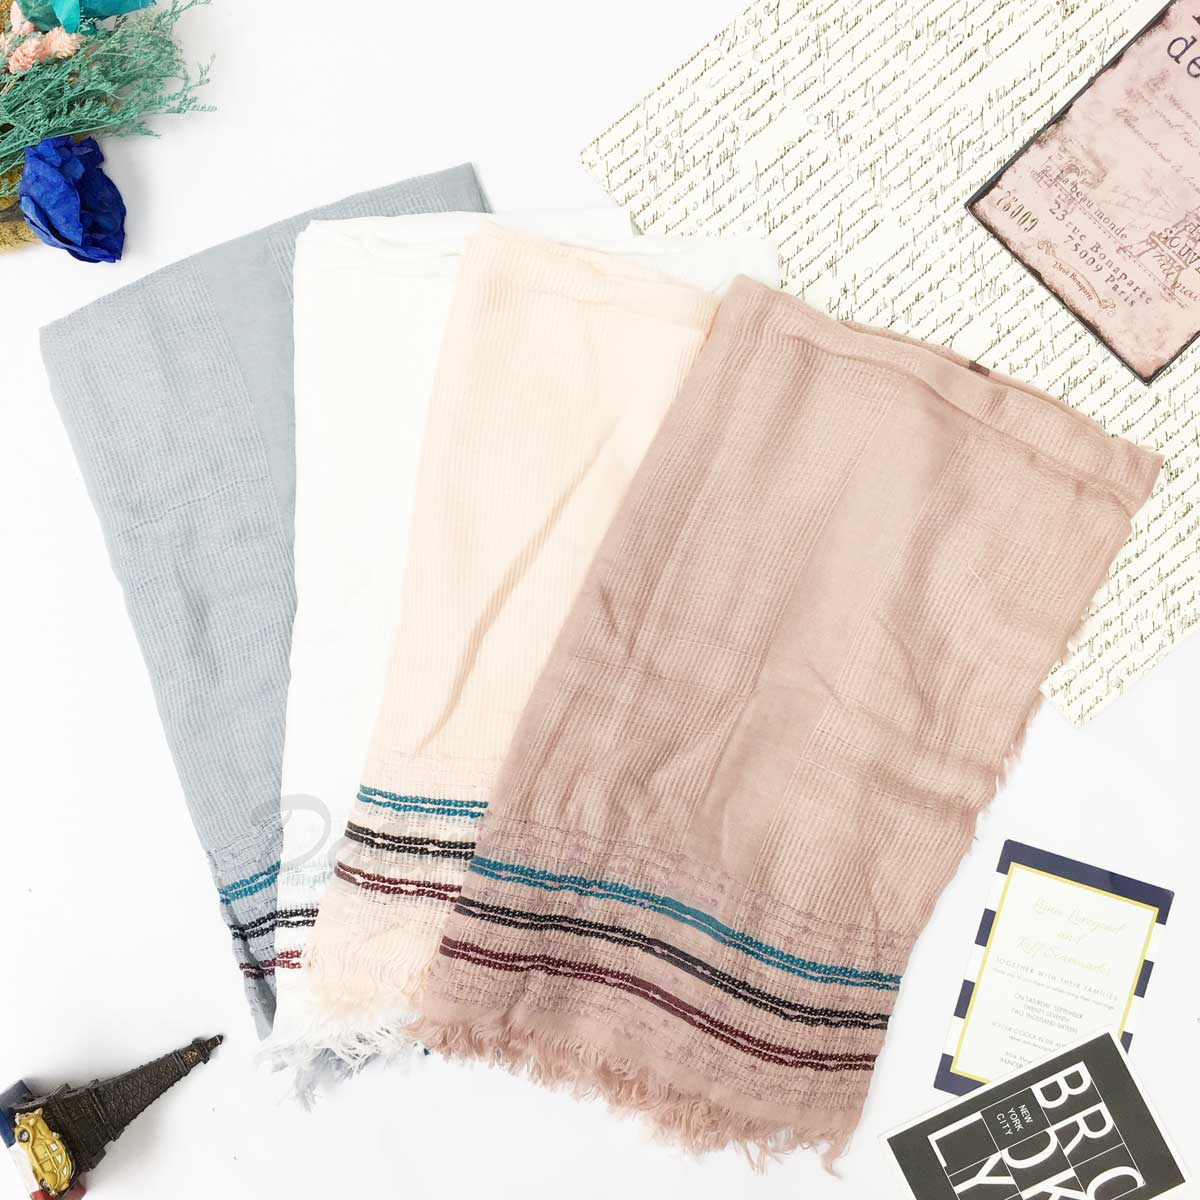 圍巾 線條 素雅 簡約 條紋不收邊 抽鬚 薄圍巾 四色